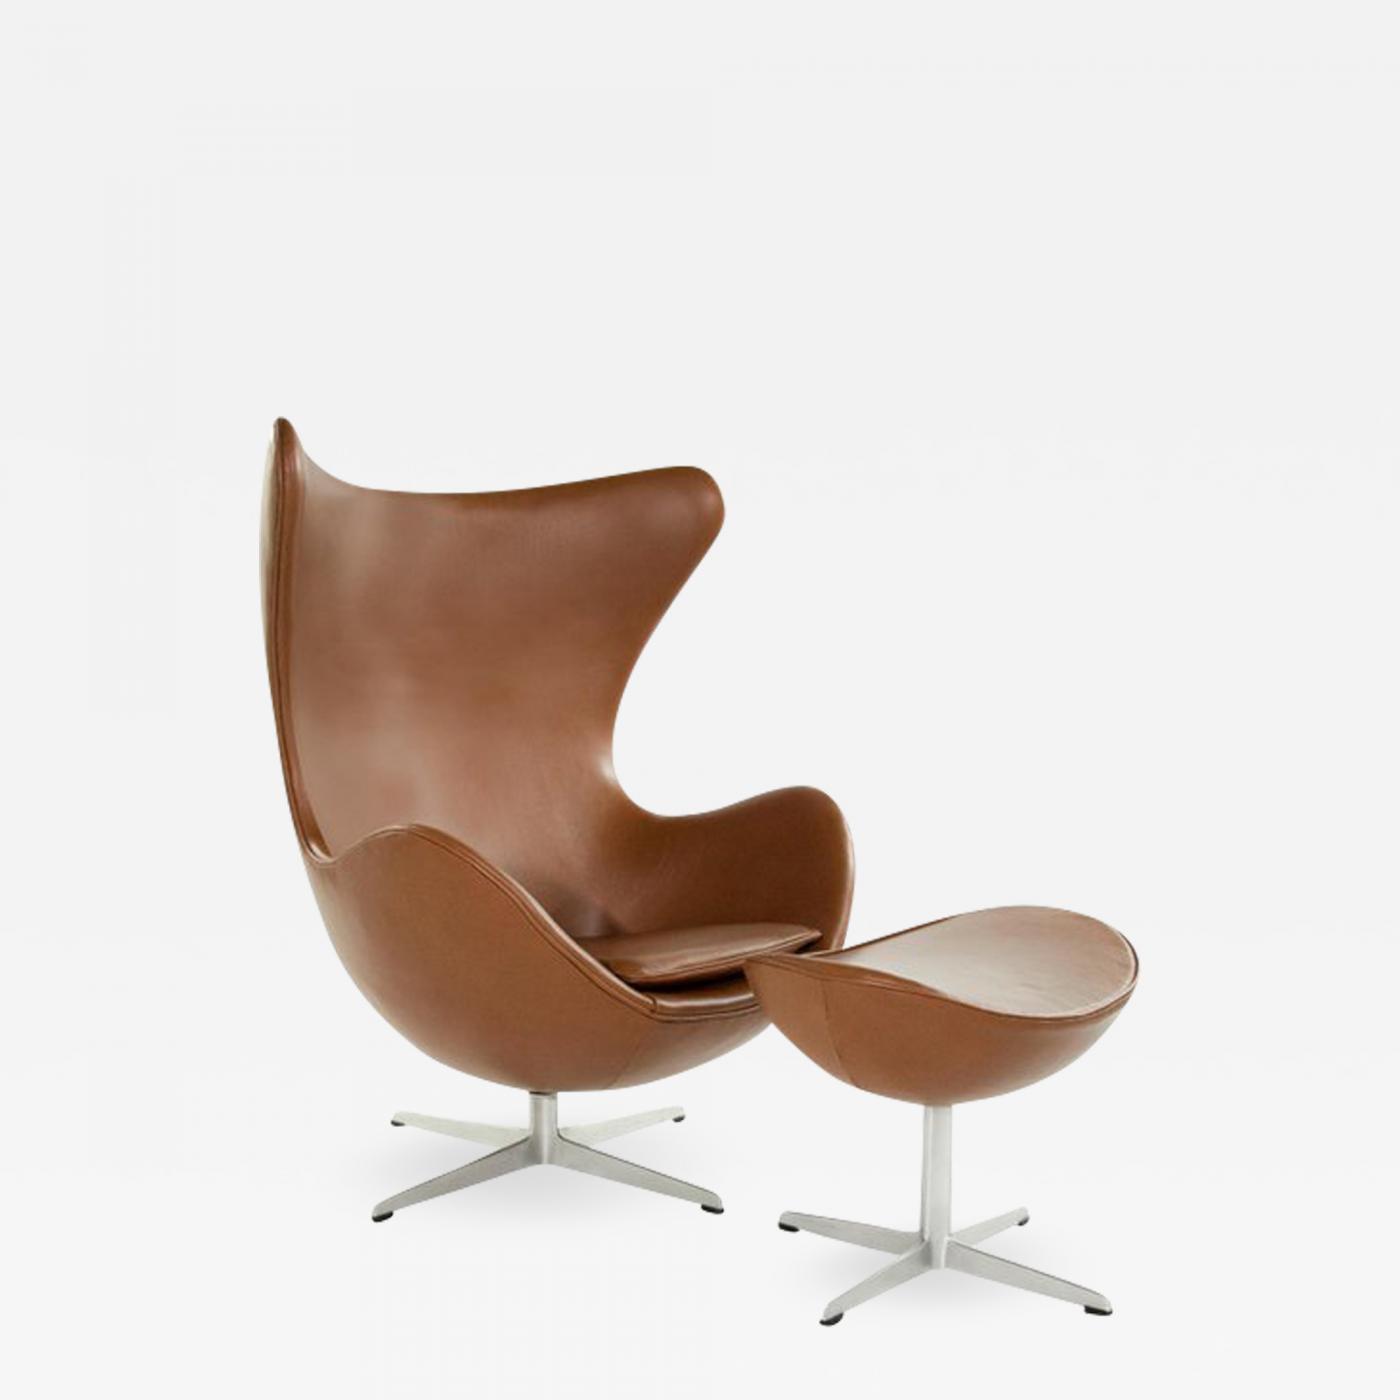 Arne Jacobsen Egg Chair.Arne Jacobsen For Fritz Hansen Egg Chair Denmark 1966